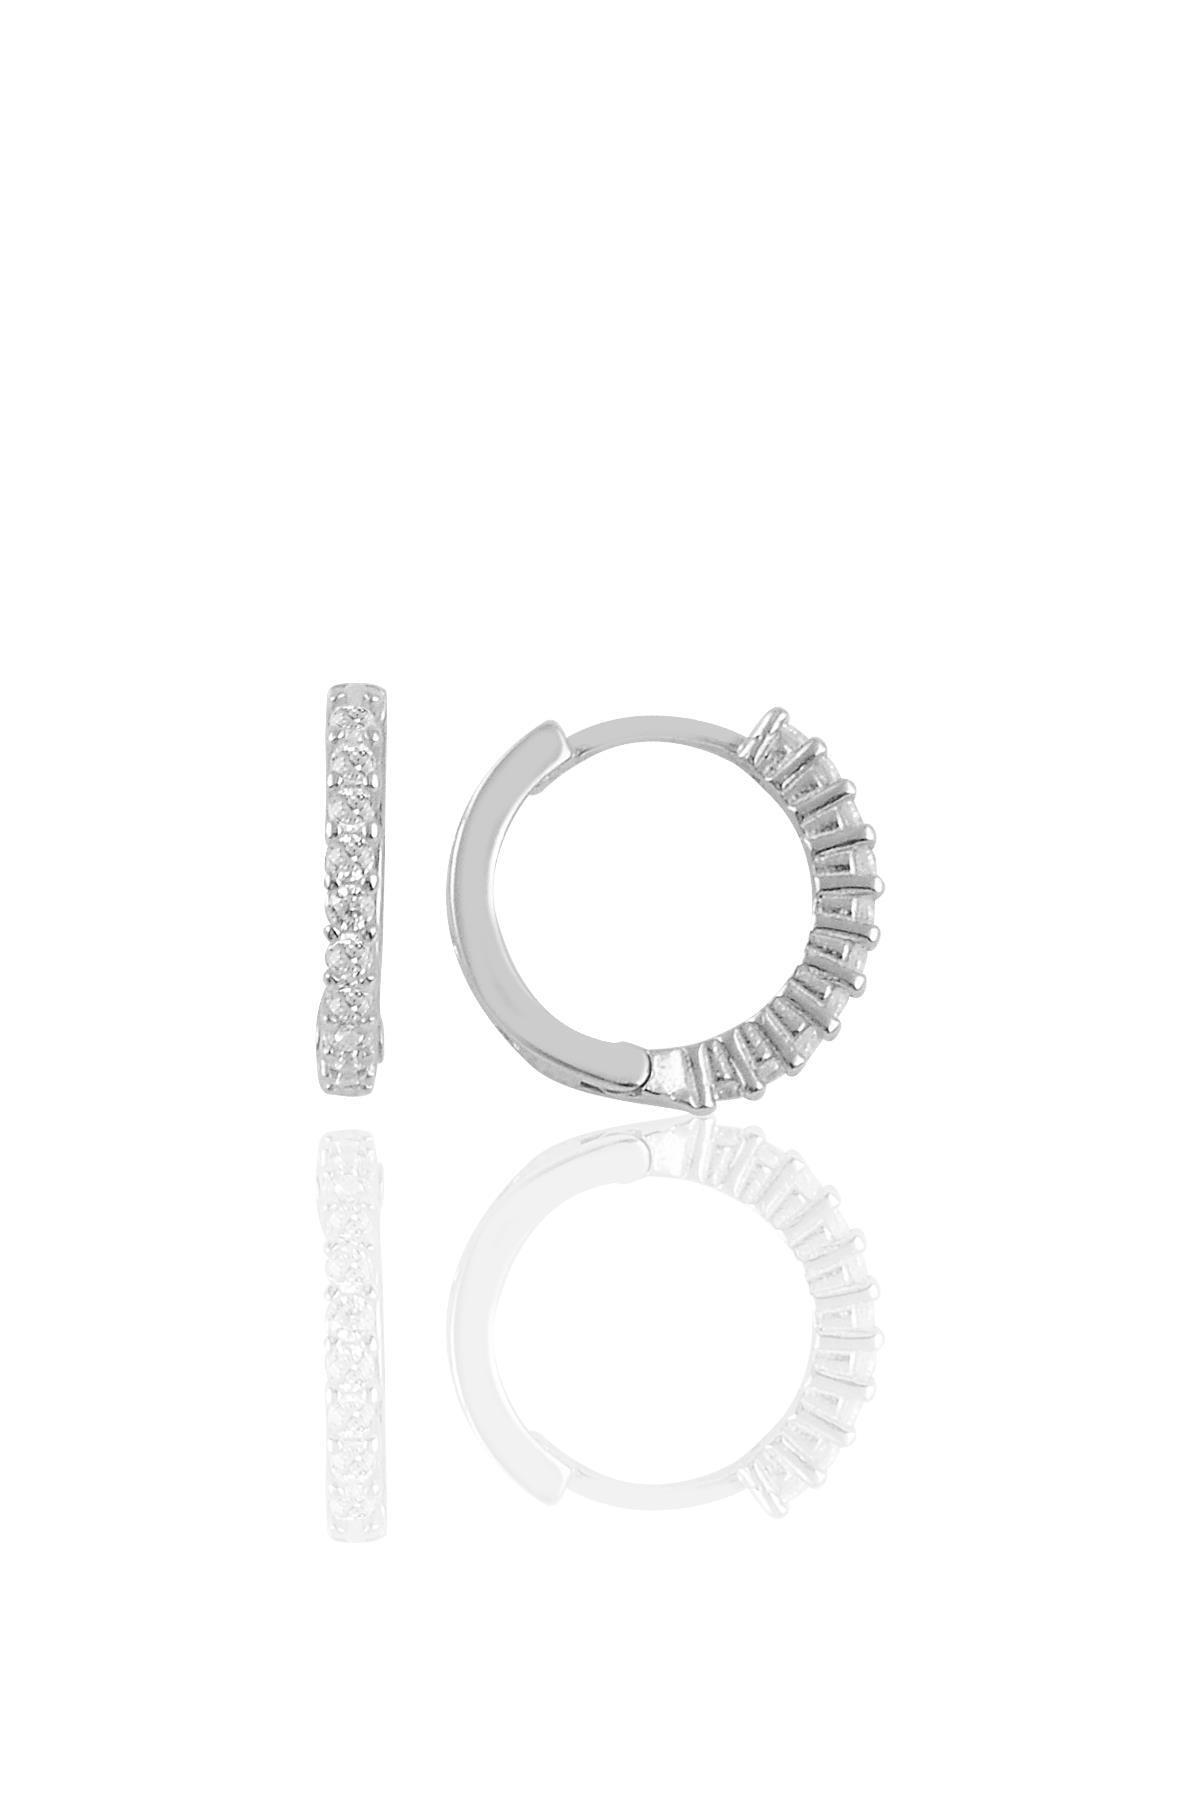 Söğütlü Silver Gümüş Rodyumlu Sıra Taşlı Halka Küpe